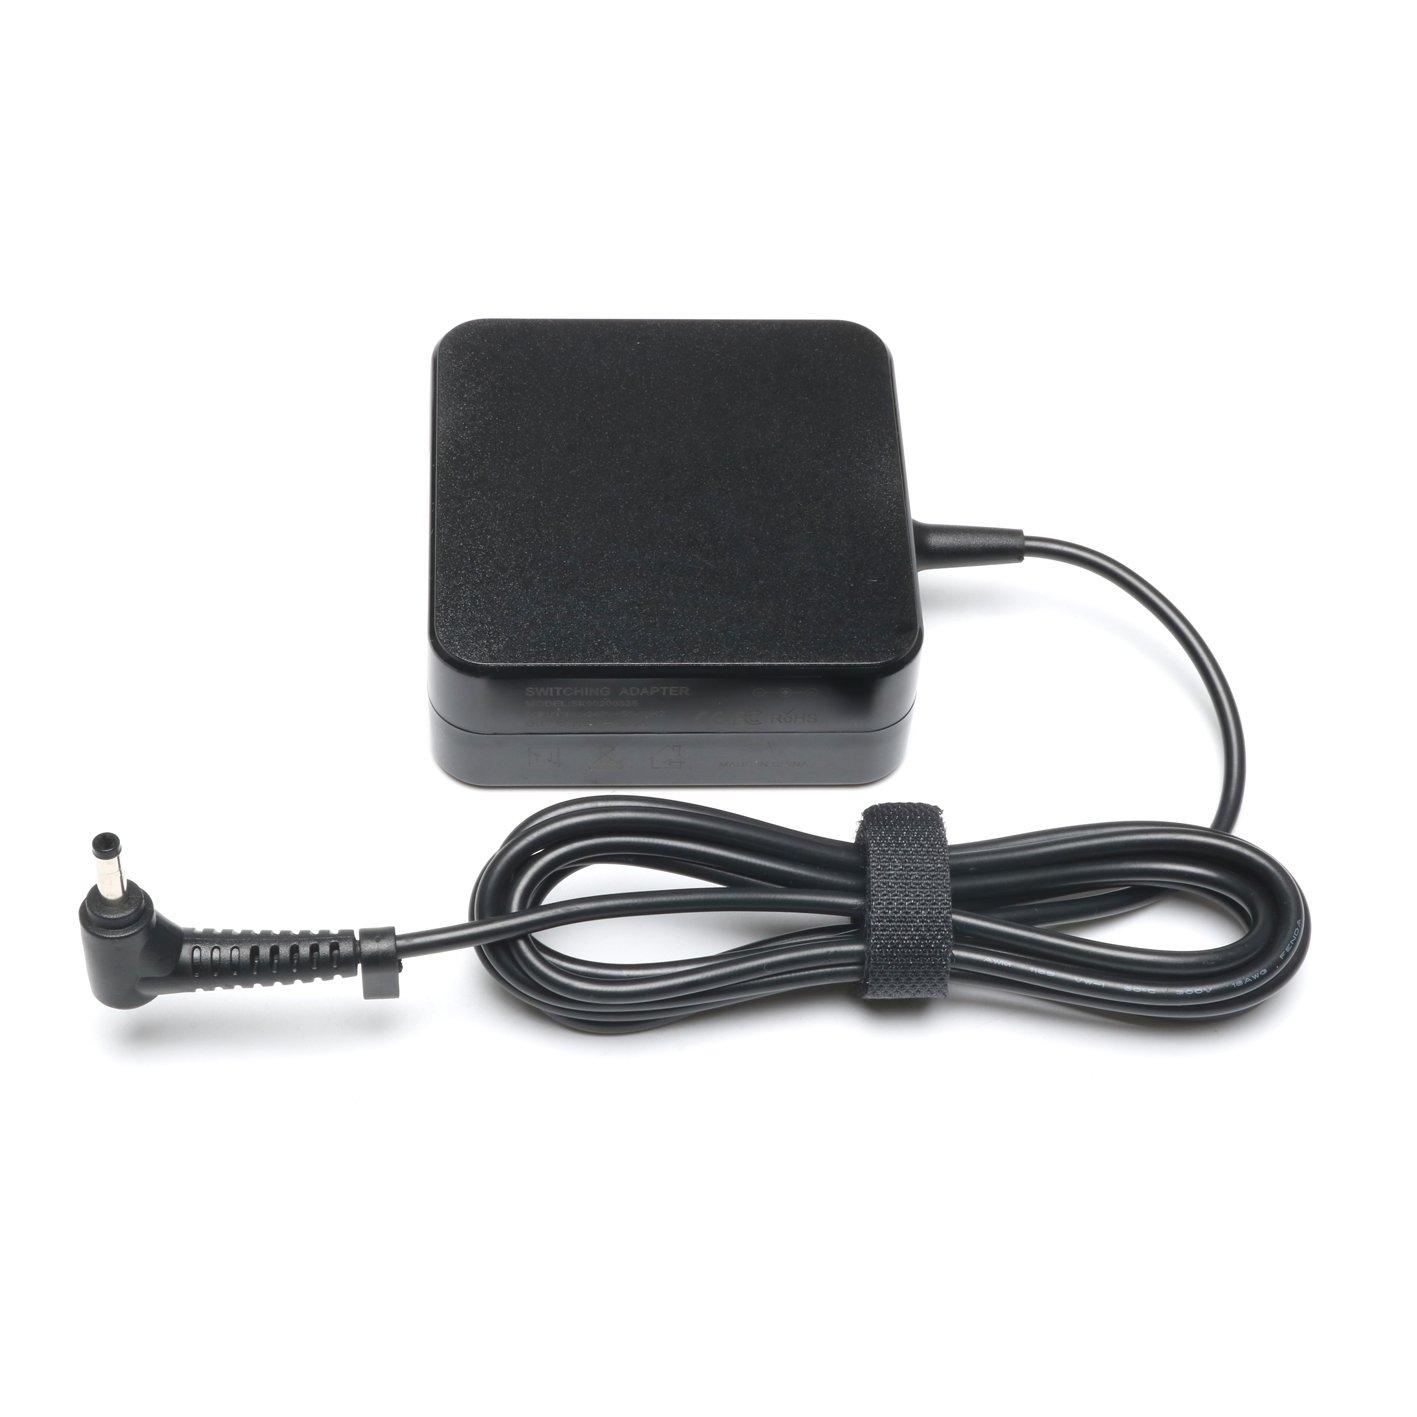 Amazon.com: 20 V 3.25 A 65 W AC Power Adapter adlx65clgu2 a ...